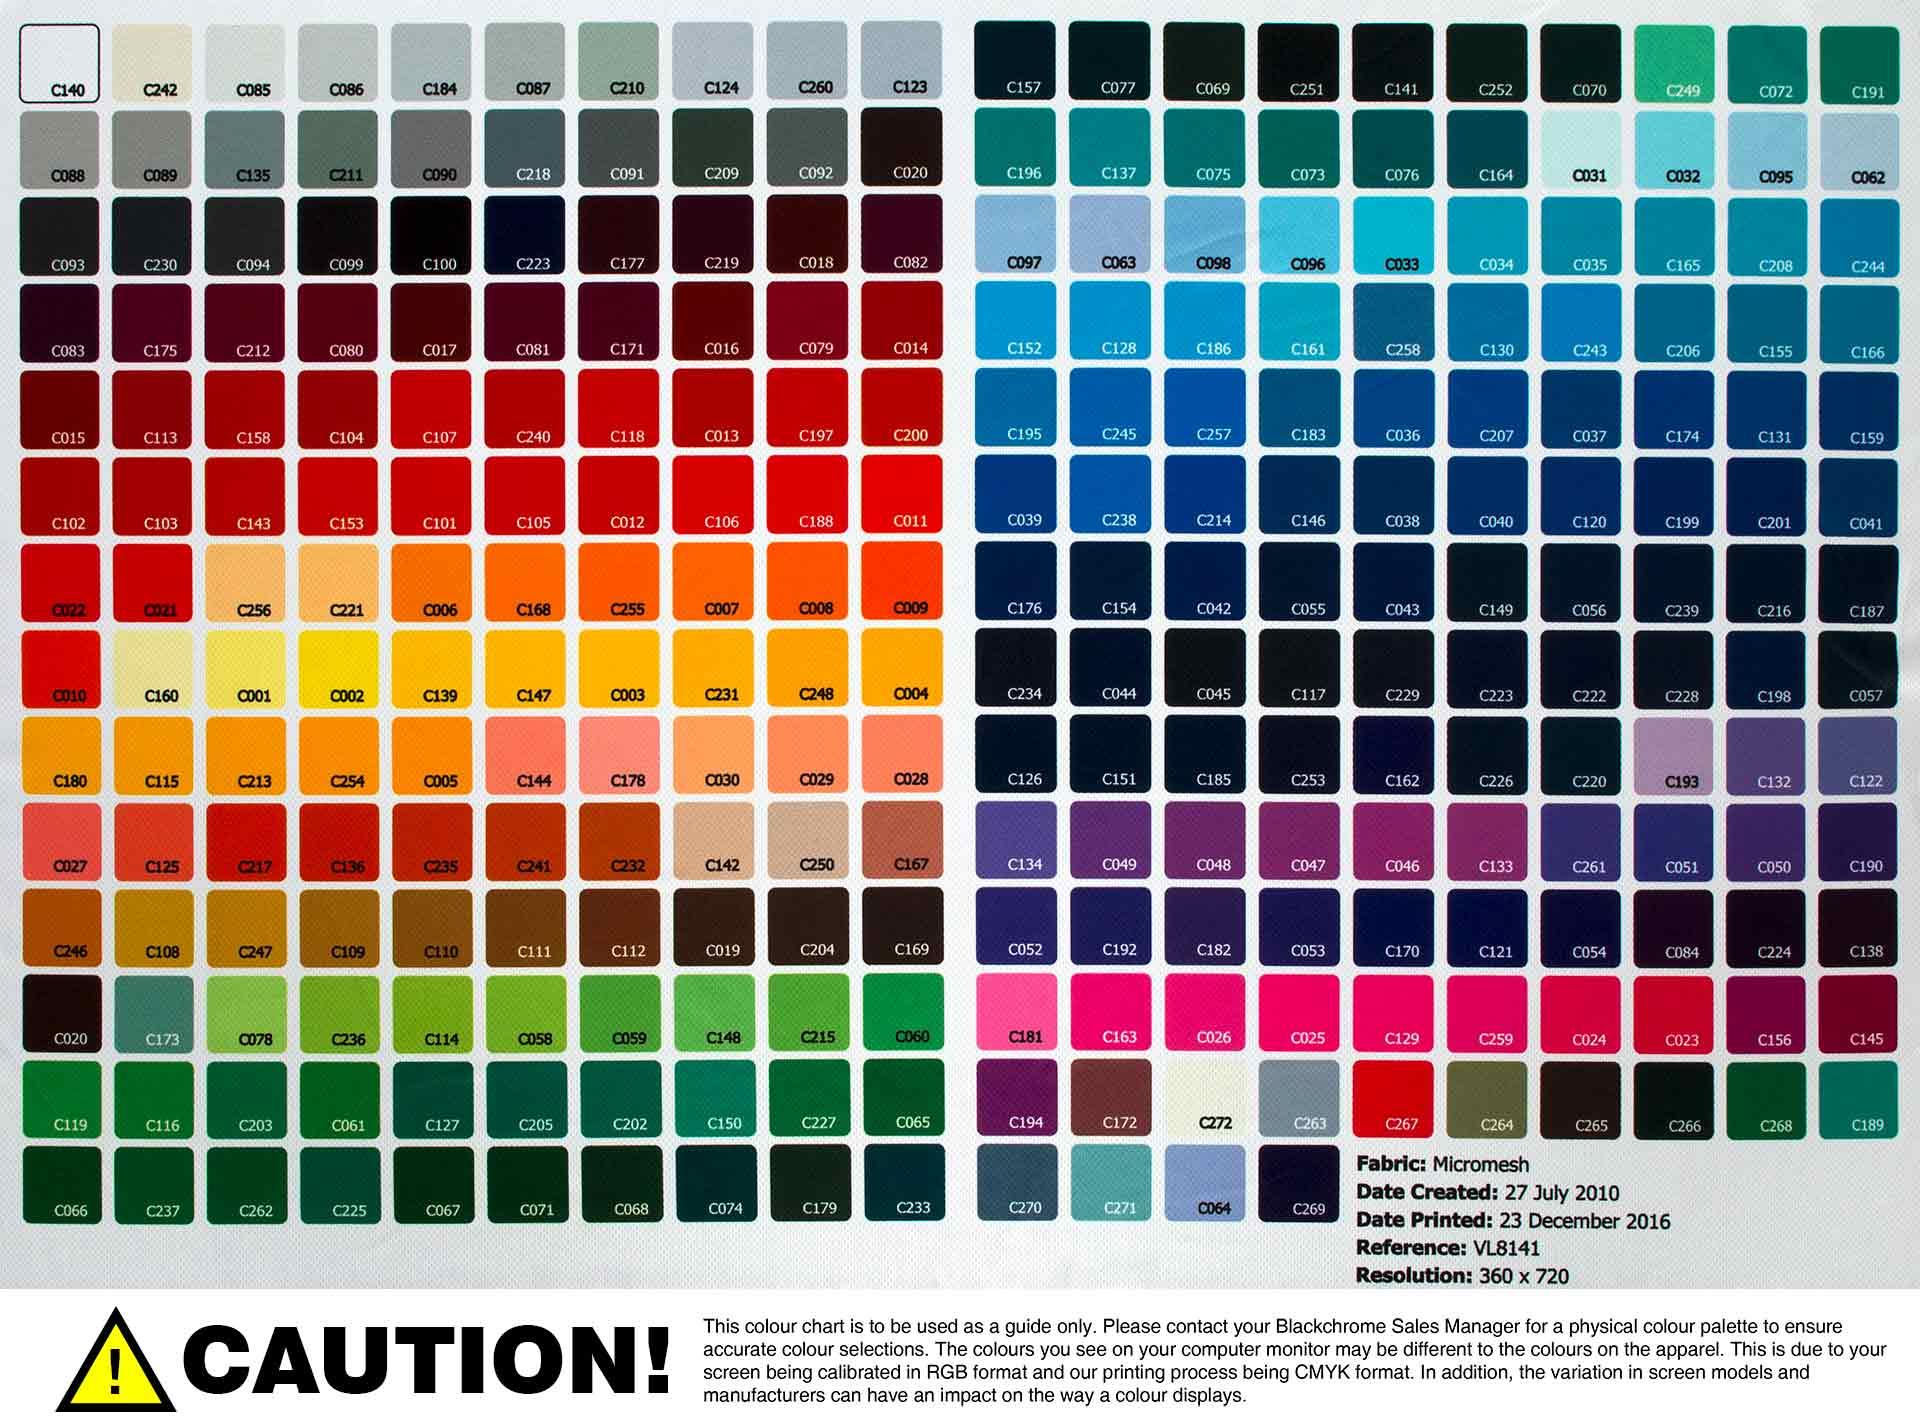 Colour Palettes - Blackchrome